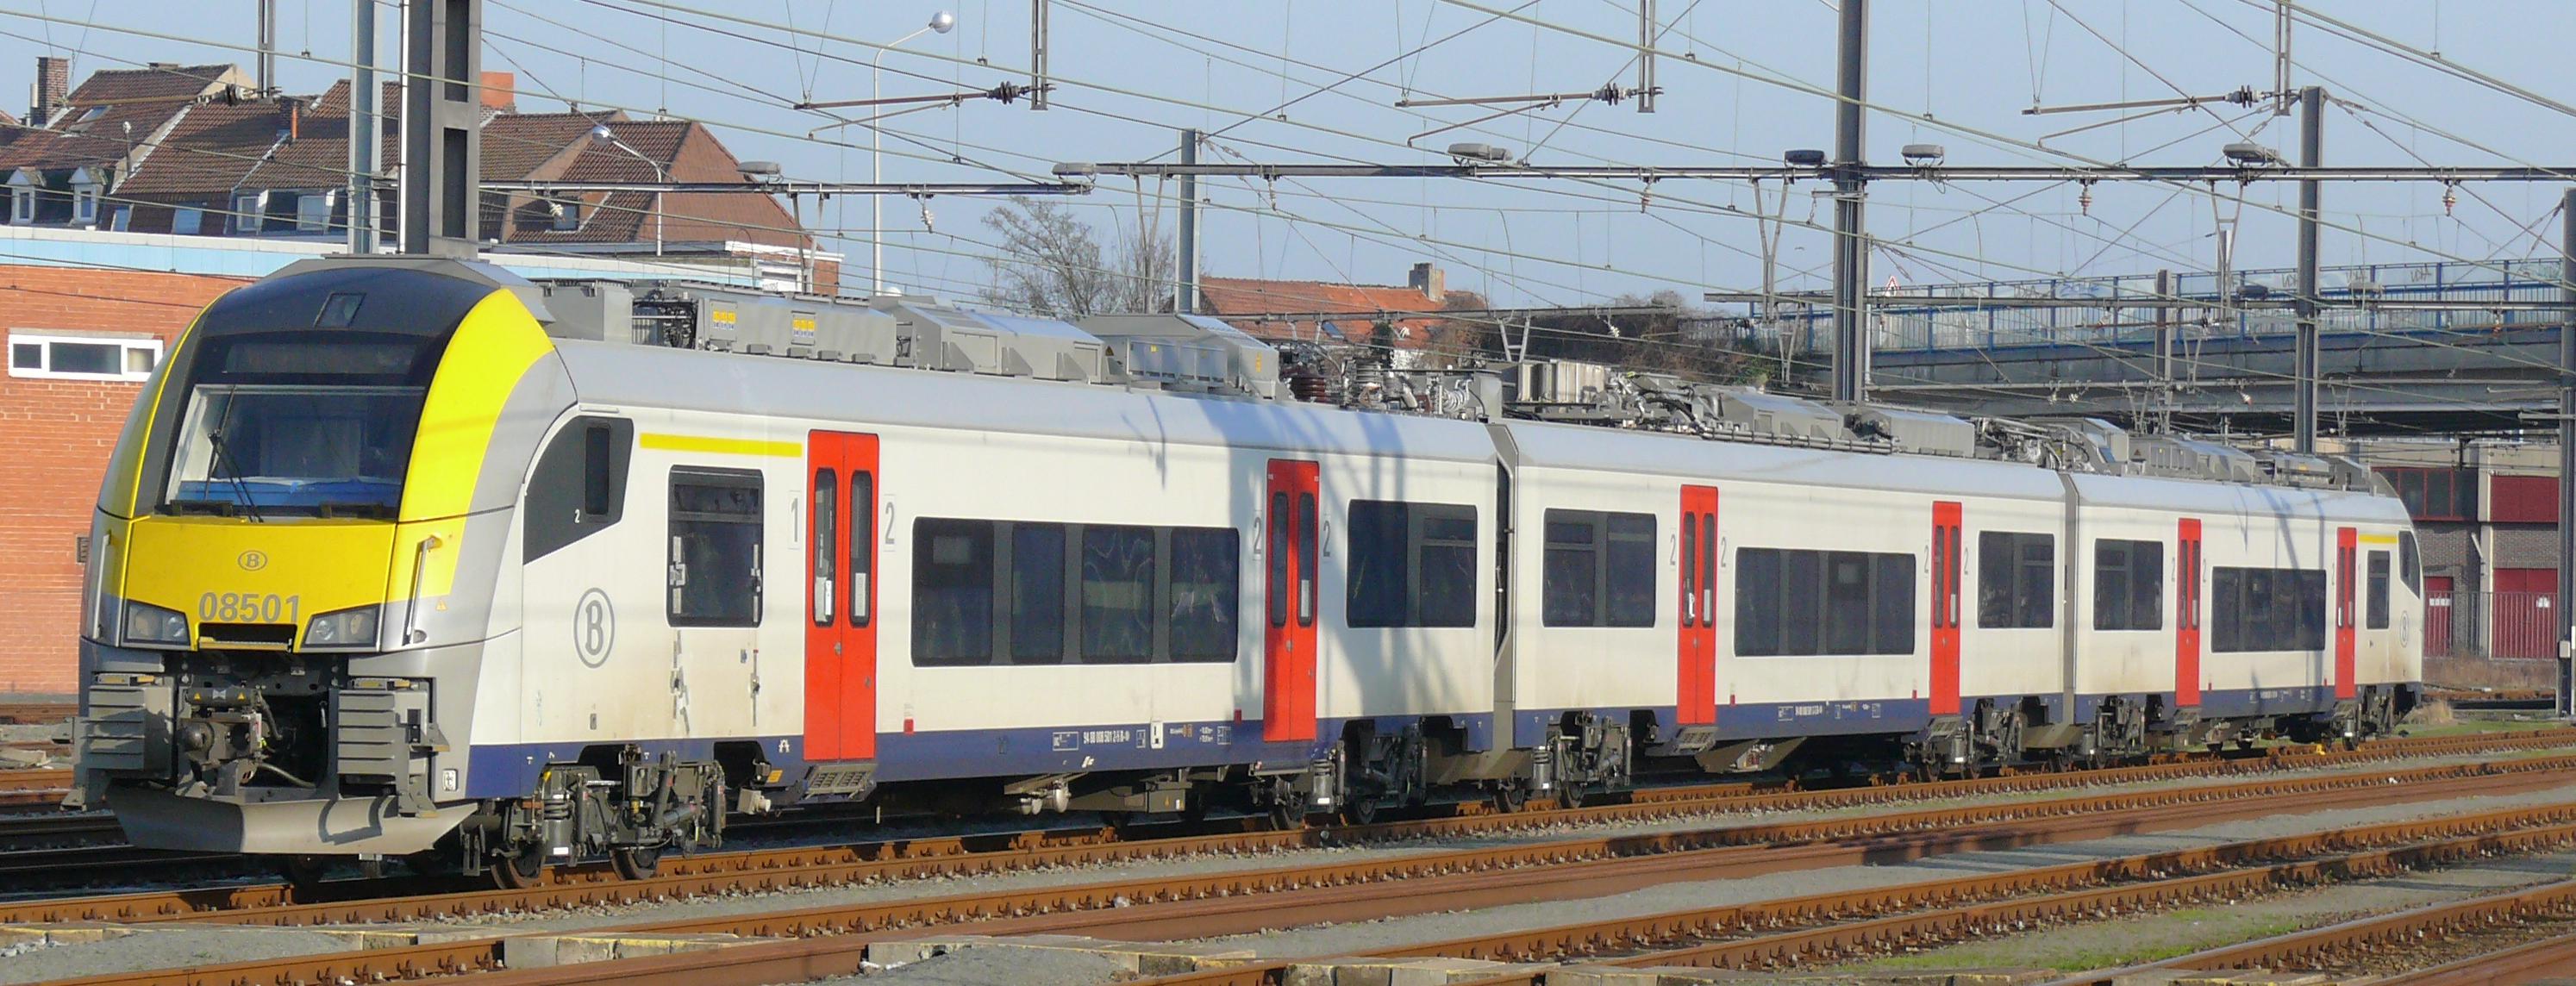 File Tournai Nmbs 08501 3 Jpg Wikimedia Commons